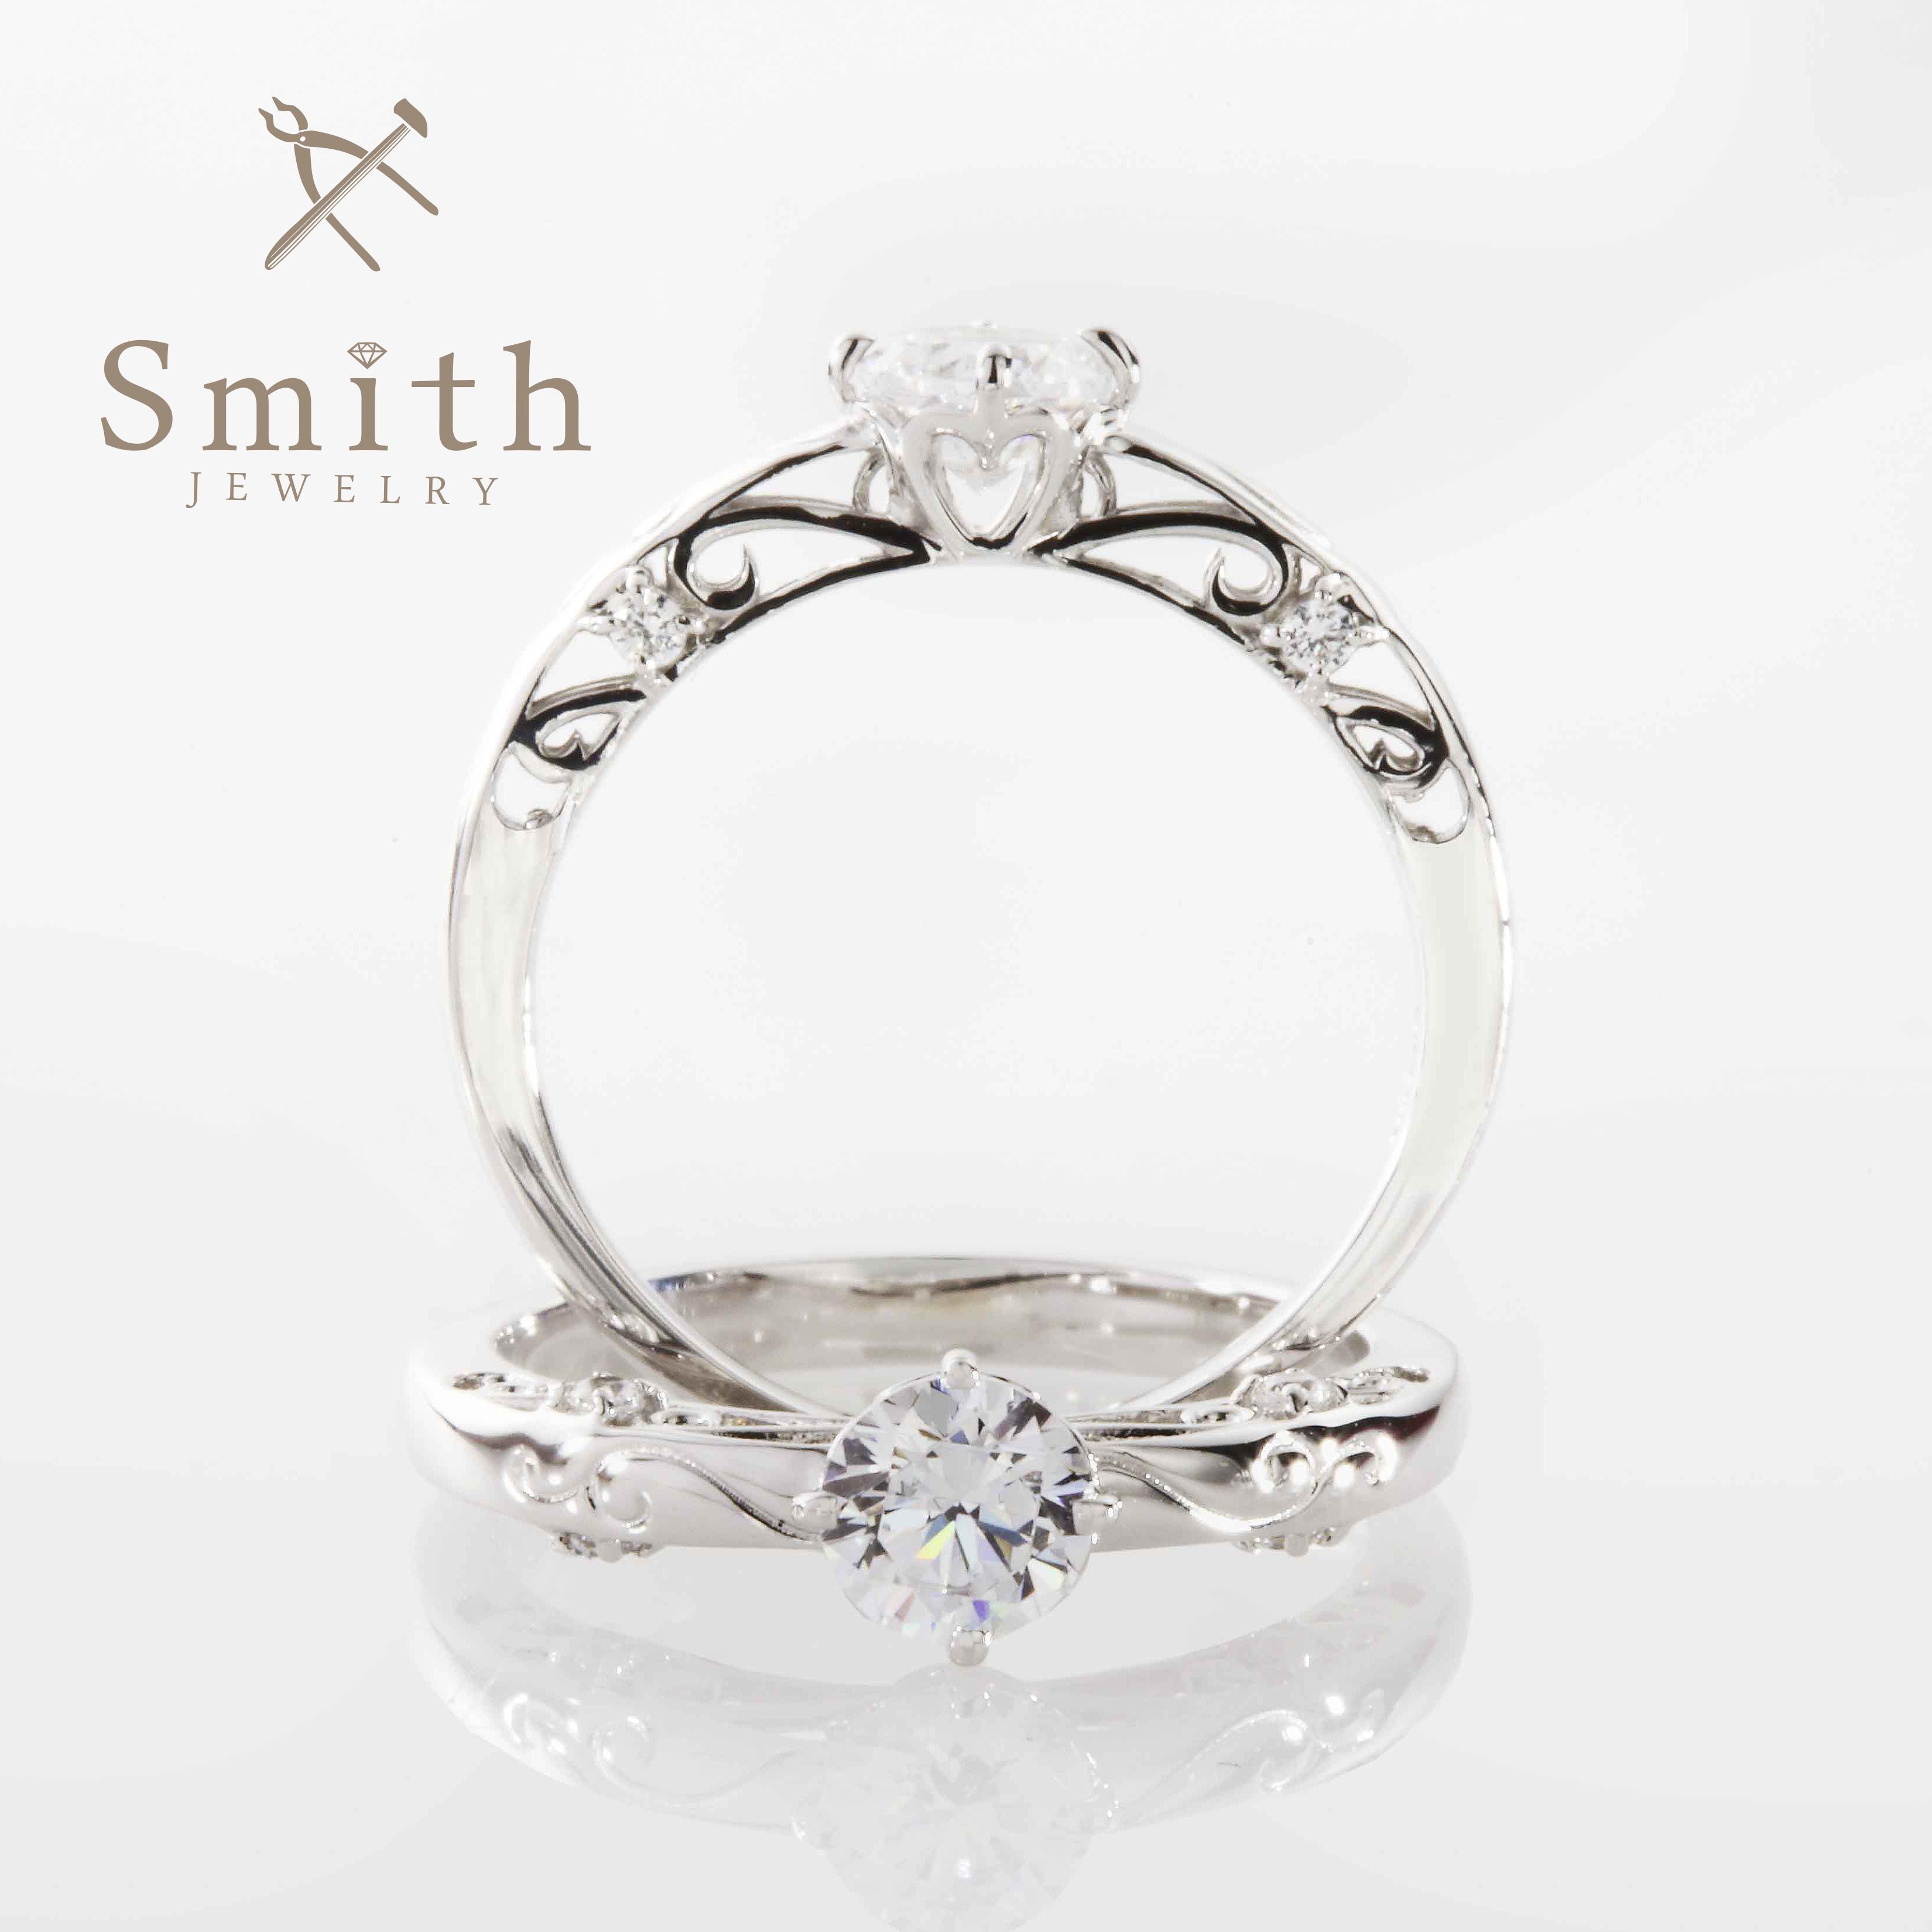 【Smith】オーダーメイド婚約指輪 透かし模様で上品な印象のエレガントスタイル